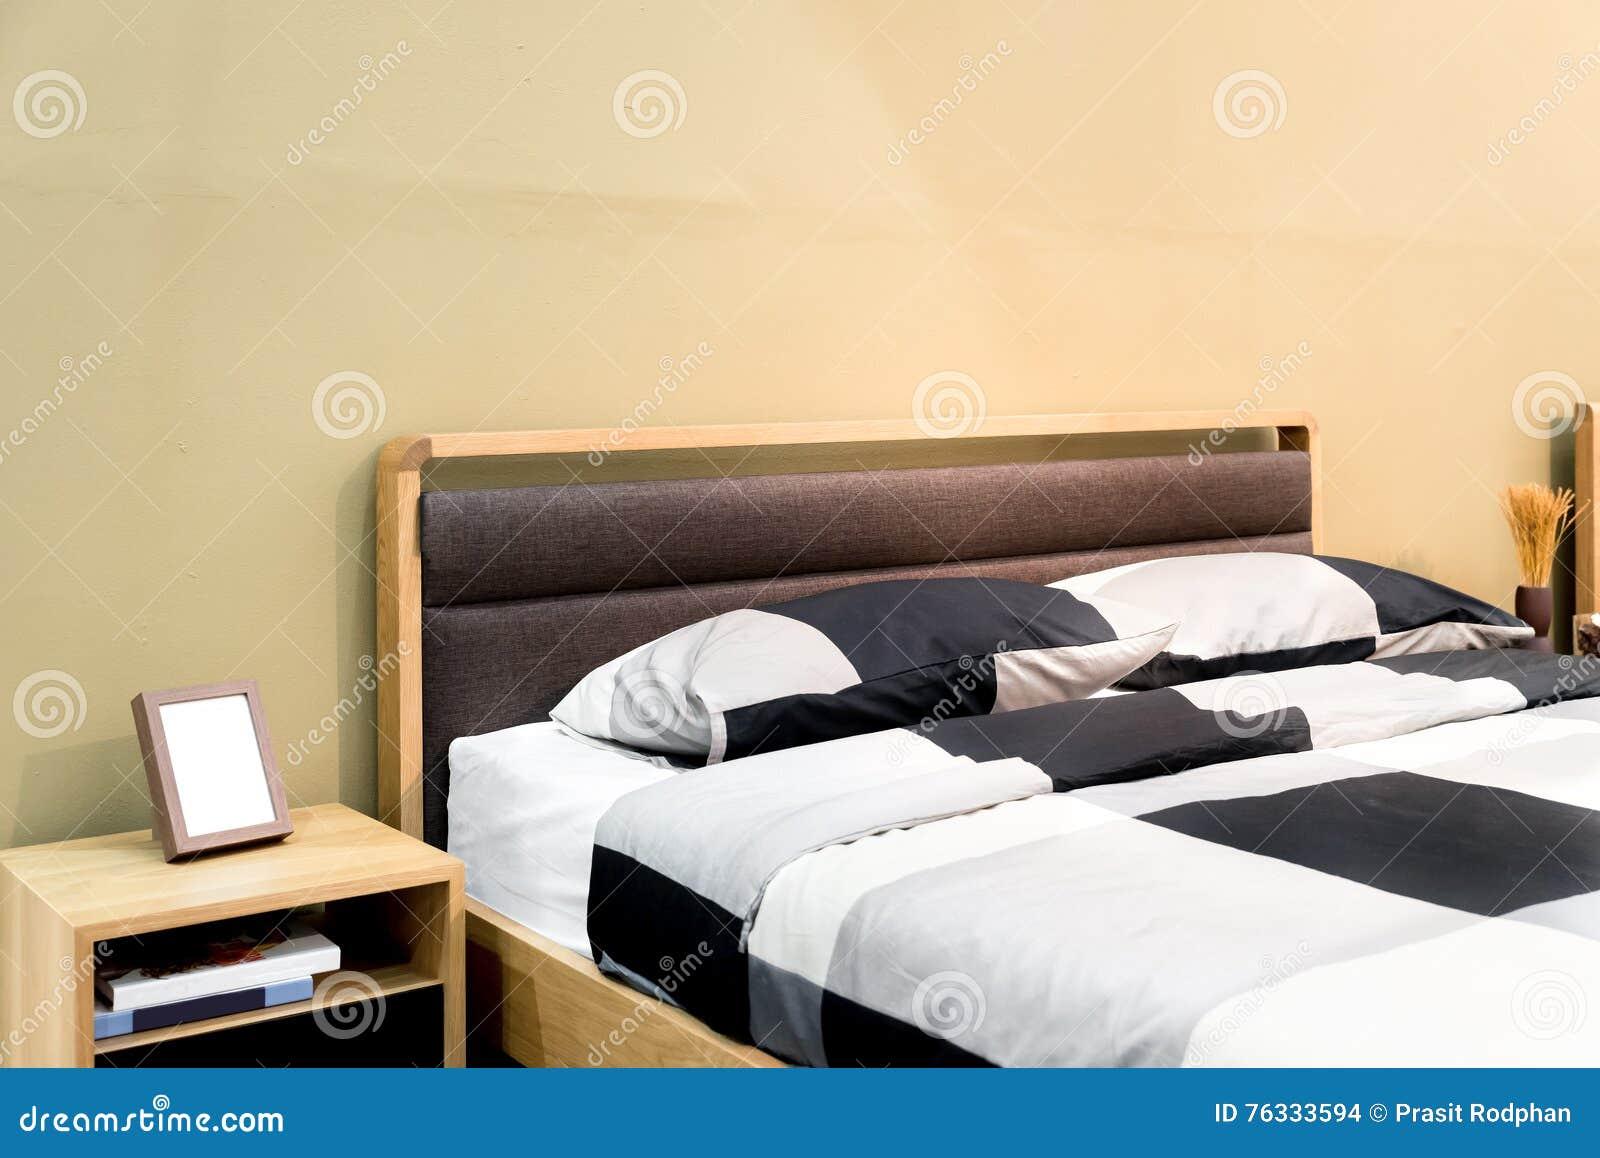 Schachbett mit kissen und regal im modernen schlafzimmer schlafzimmer inter stockfoto bild - Regal schlafzimmer ...